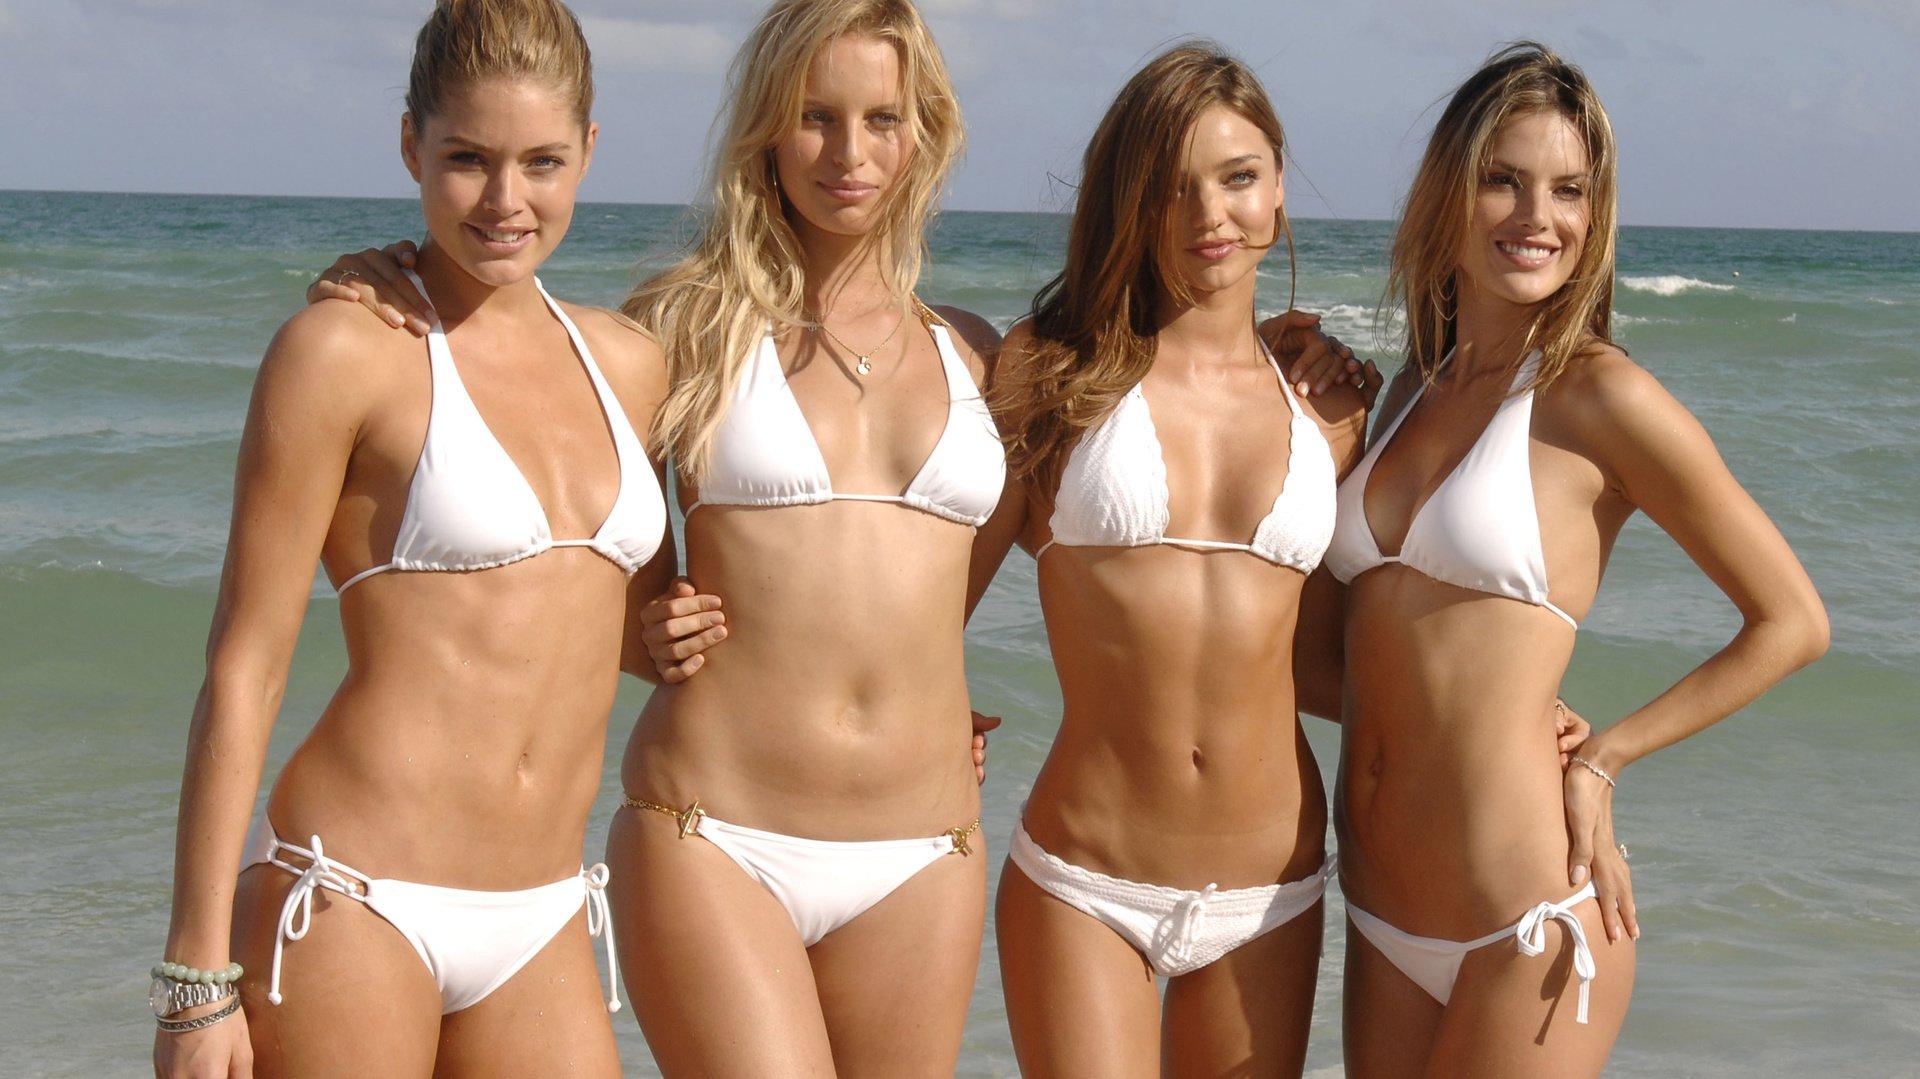 на русские девушки пляже купальниках в